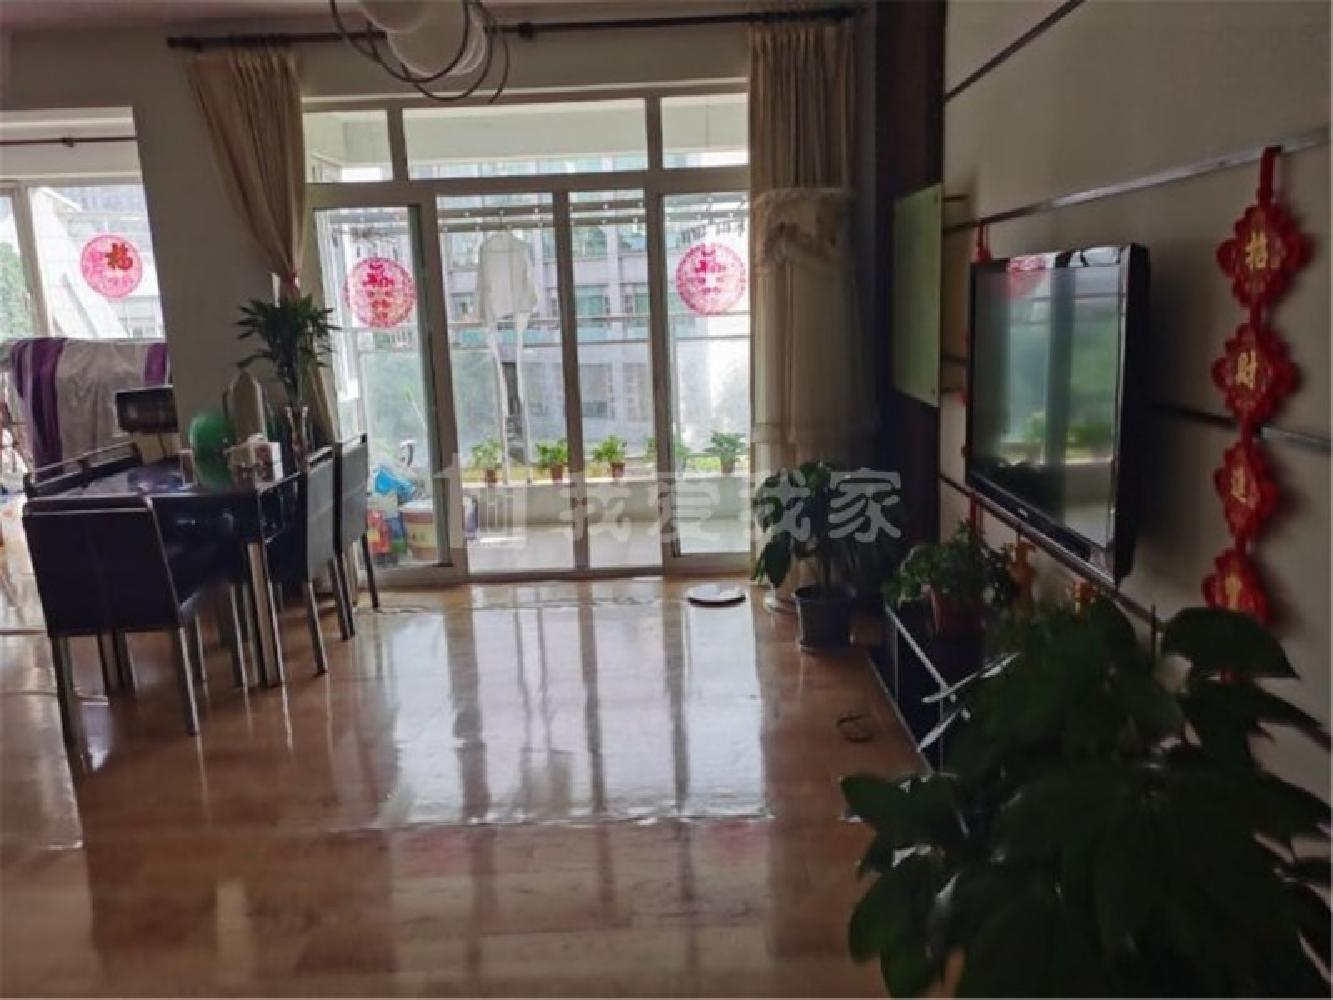 奥林匹克花园 景观房中间楼层 家里干净清爽家电家具全留